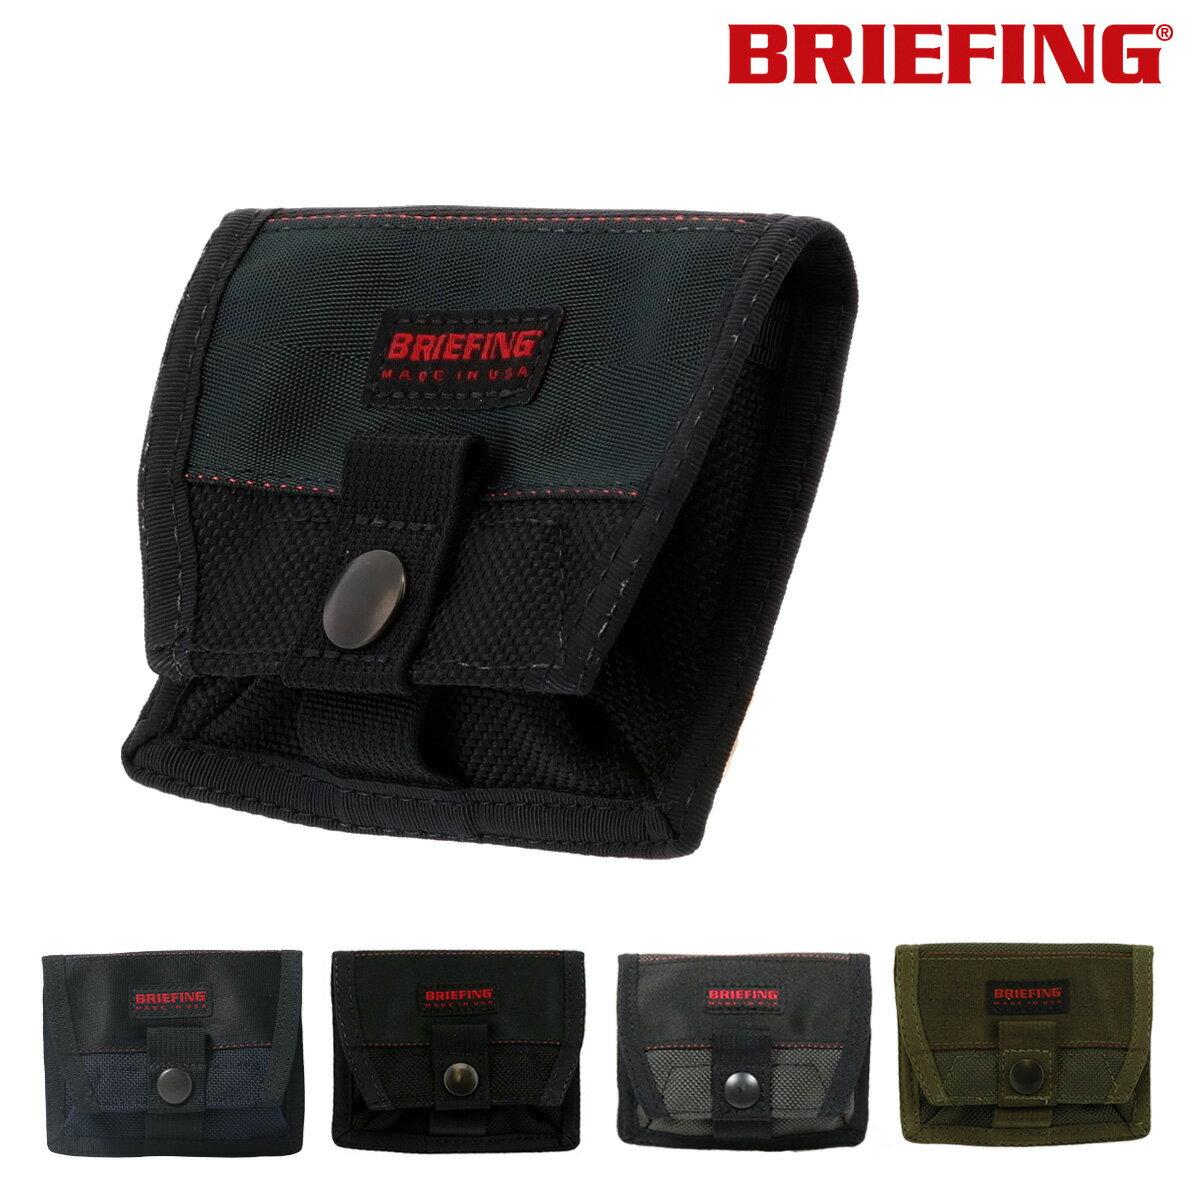 ブリーフィング カードホルダー USA BRM181603 BRIEFING CARD HOLDER 名刺入れ カード入れ カードケース バリスティックナイロン メンズ[PO10][bef][即日発送]